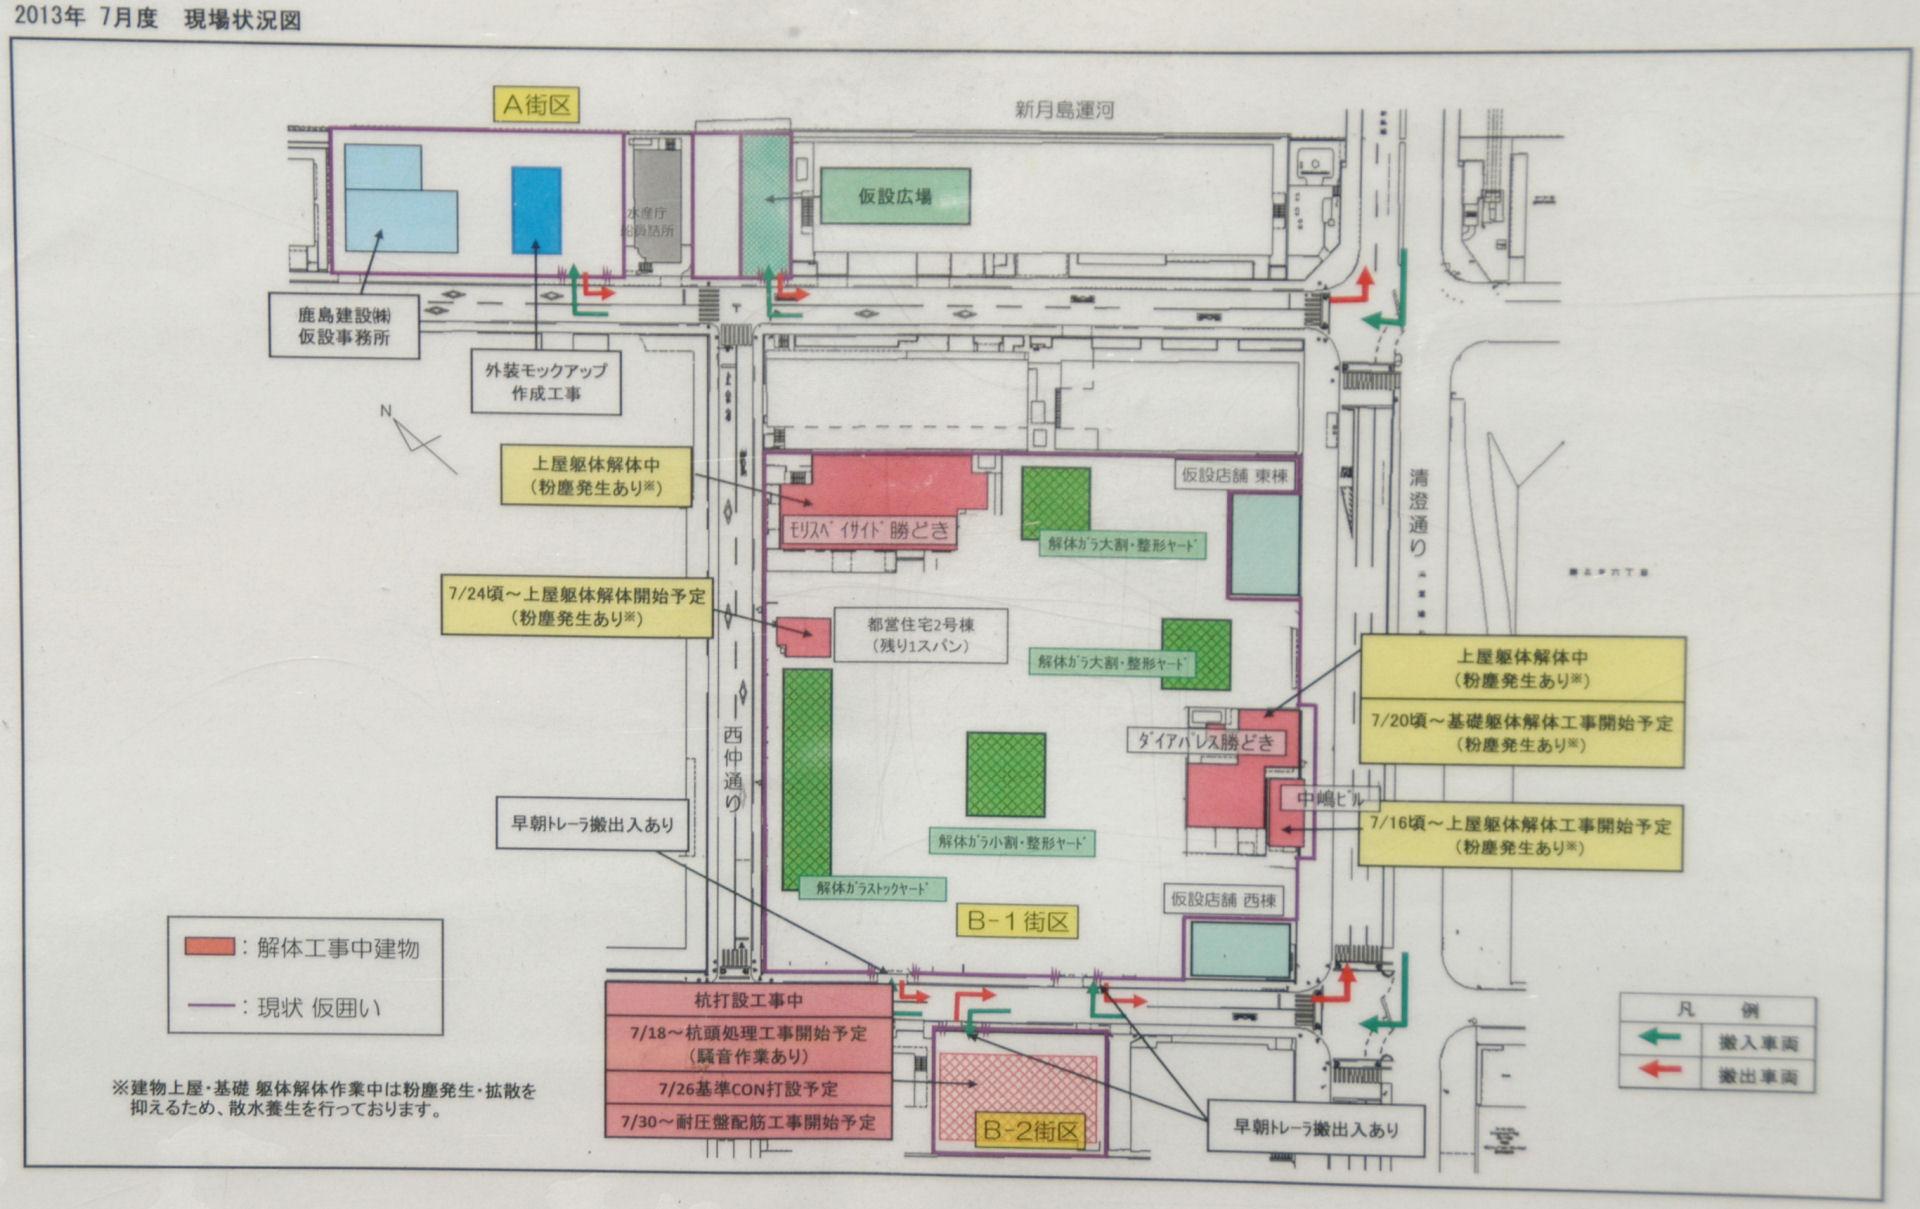 kachidoki13070145.jpg